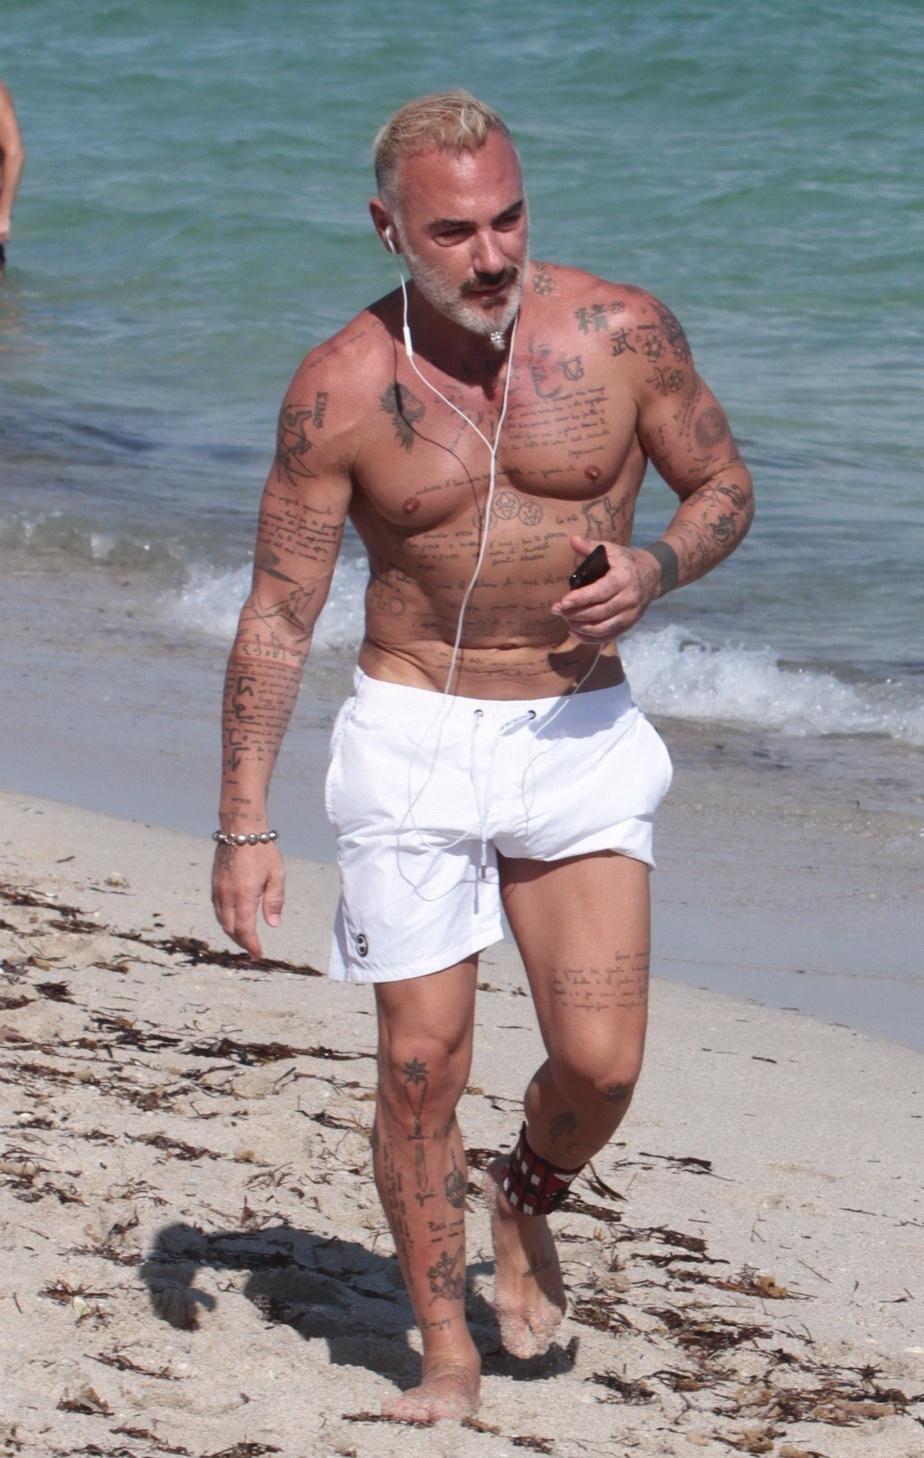 GALERIE FOTO Imagini bombă la plajă cu Gianluca Vacchi și iubita!